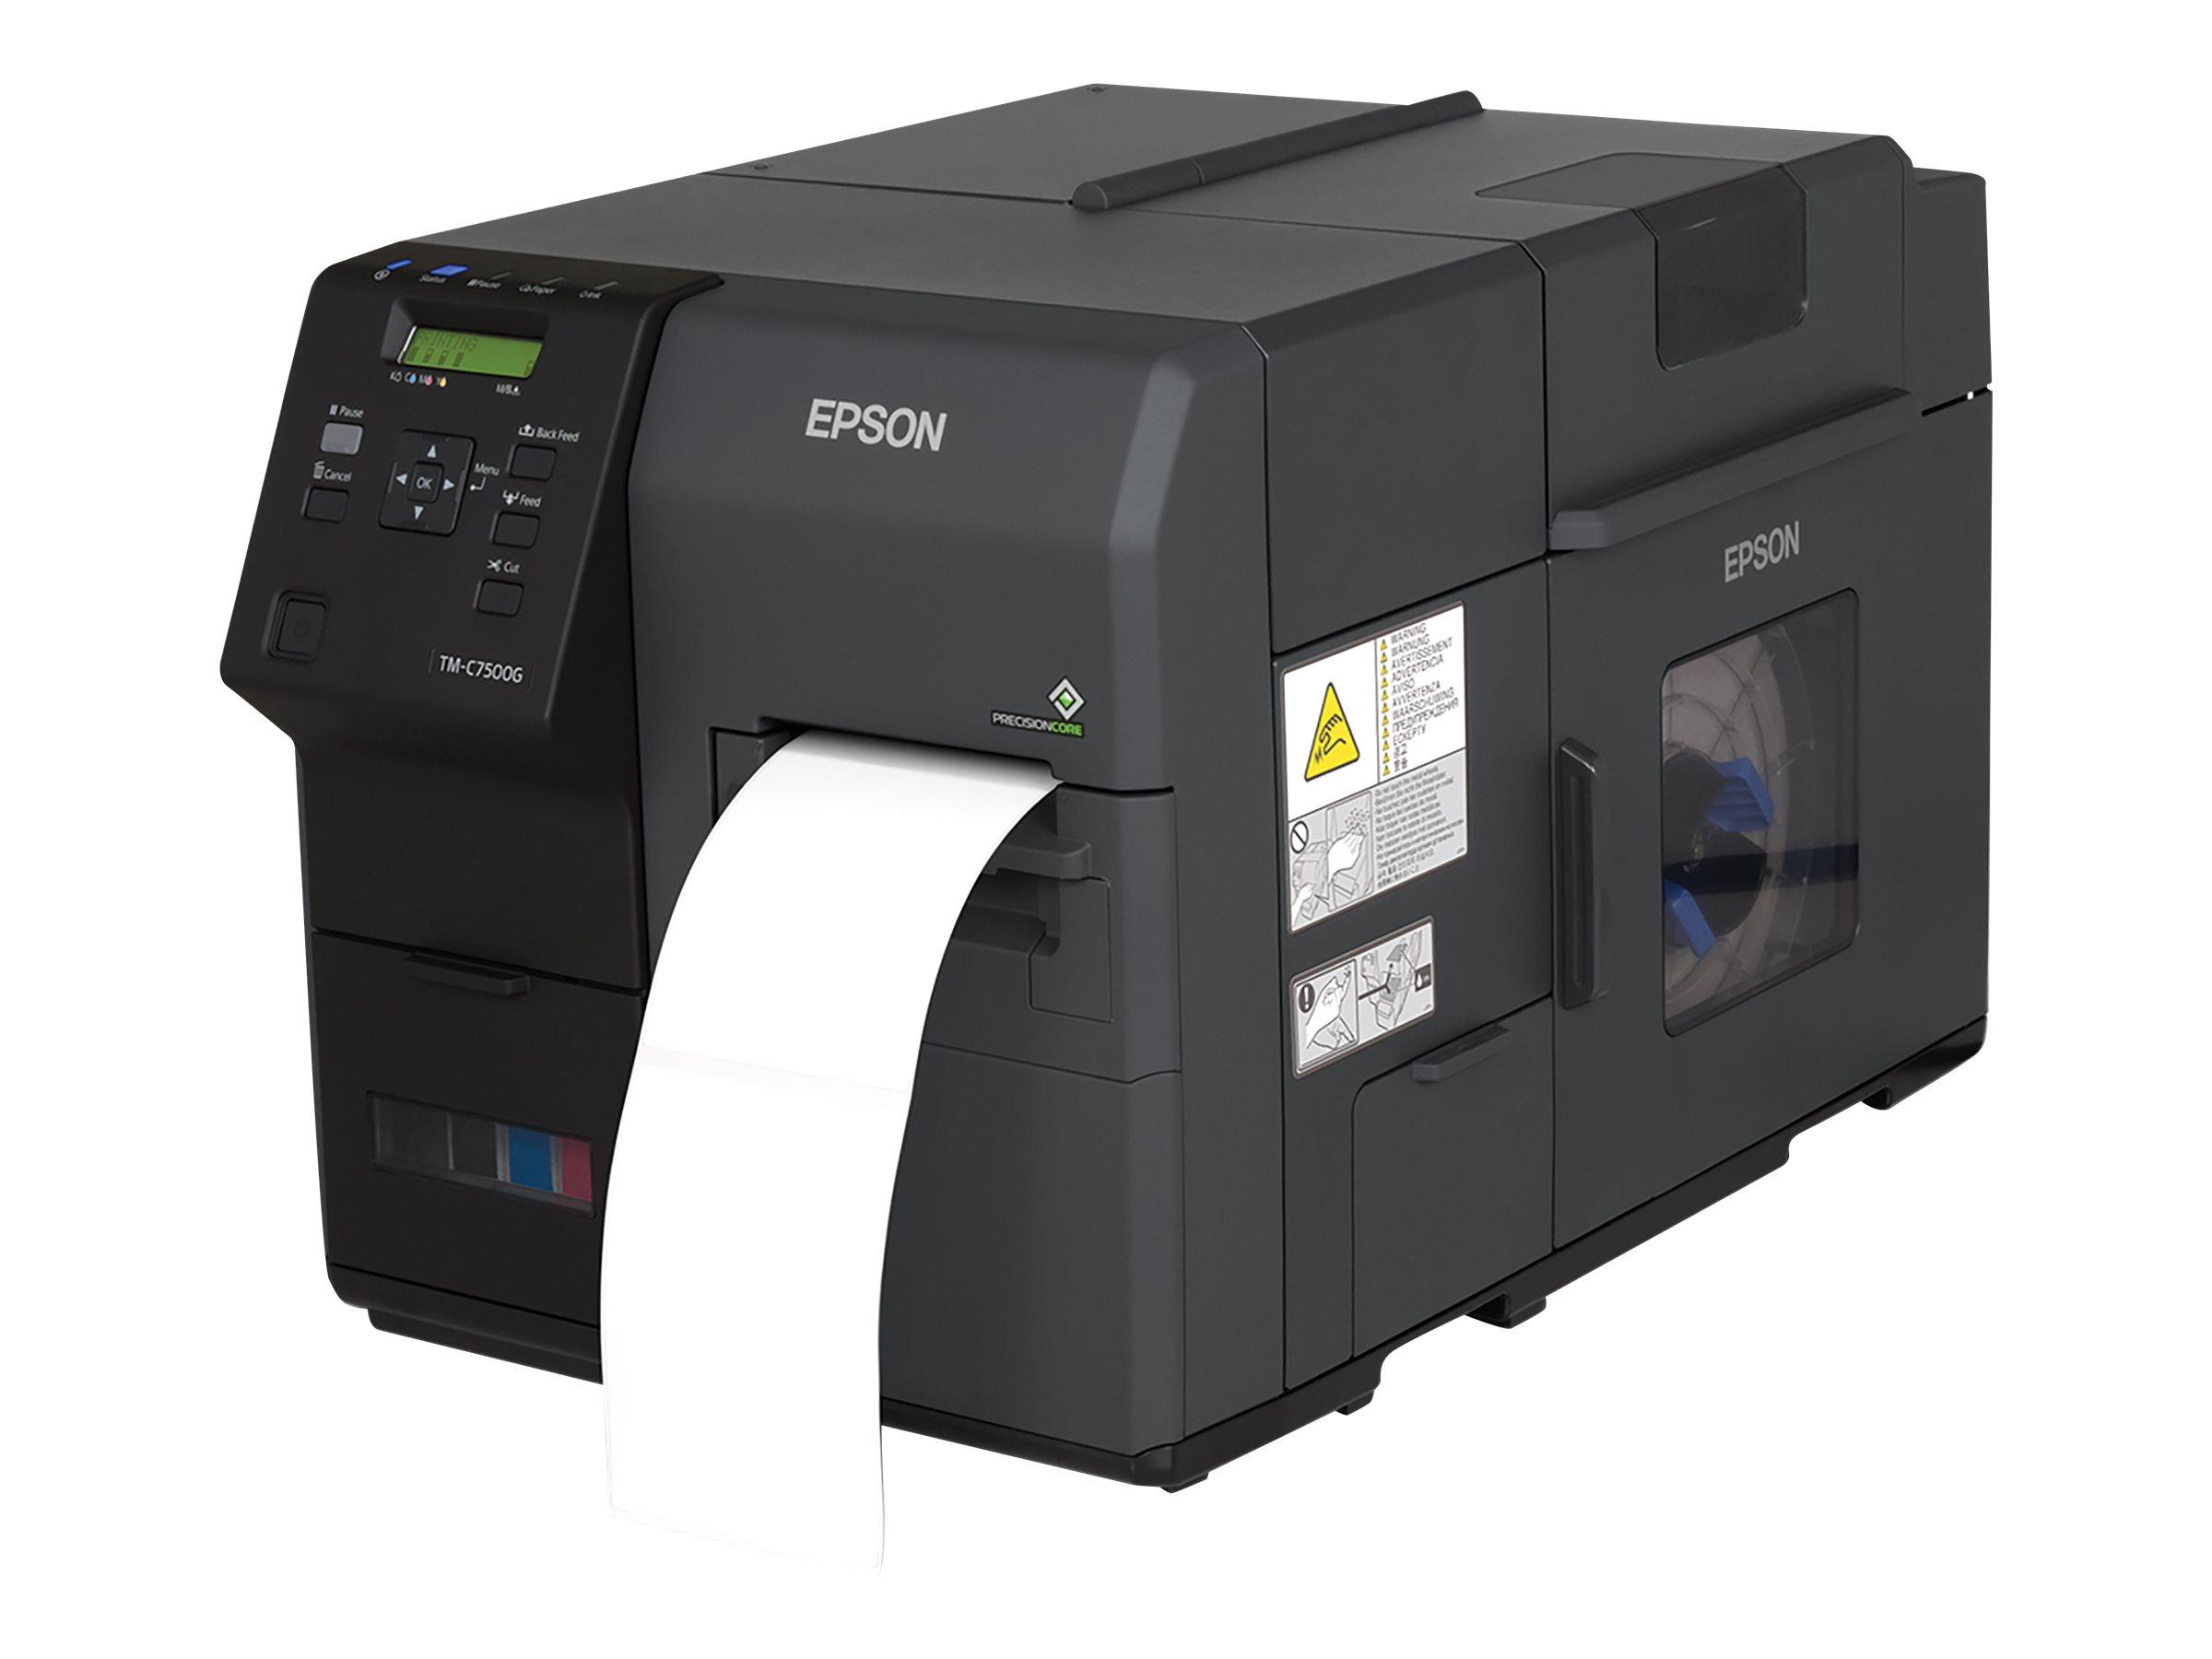 Vorschau: Epson ColorWorks TM-C7500G - Etikettendrucker